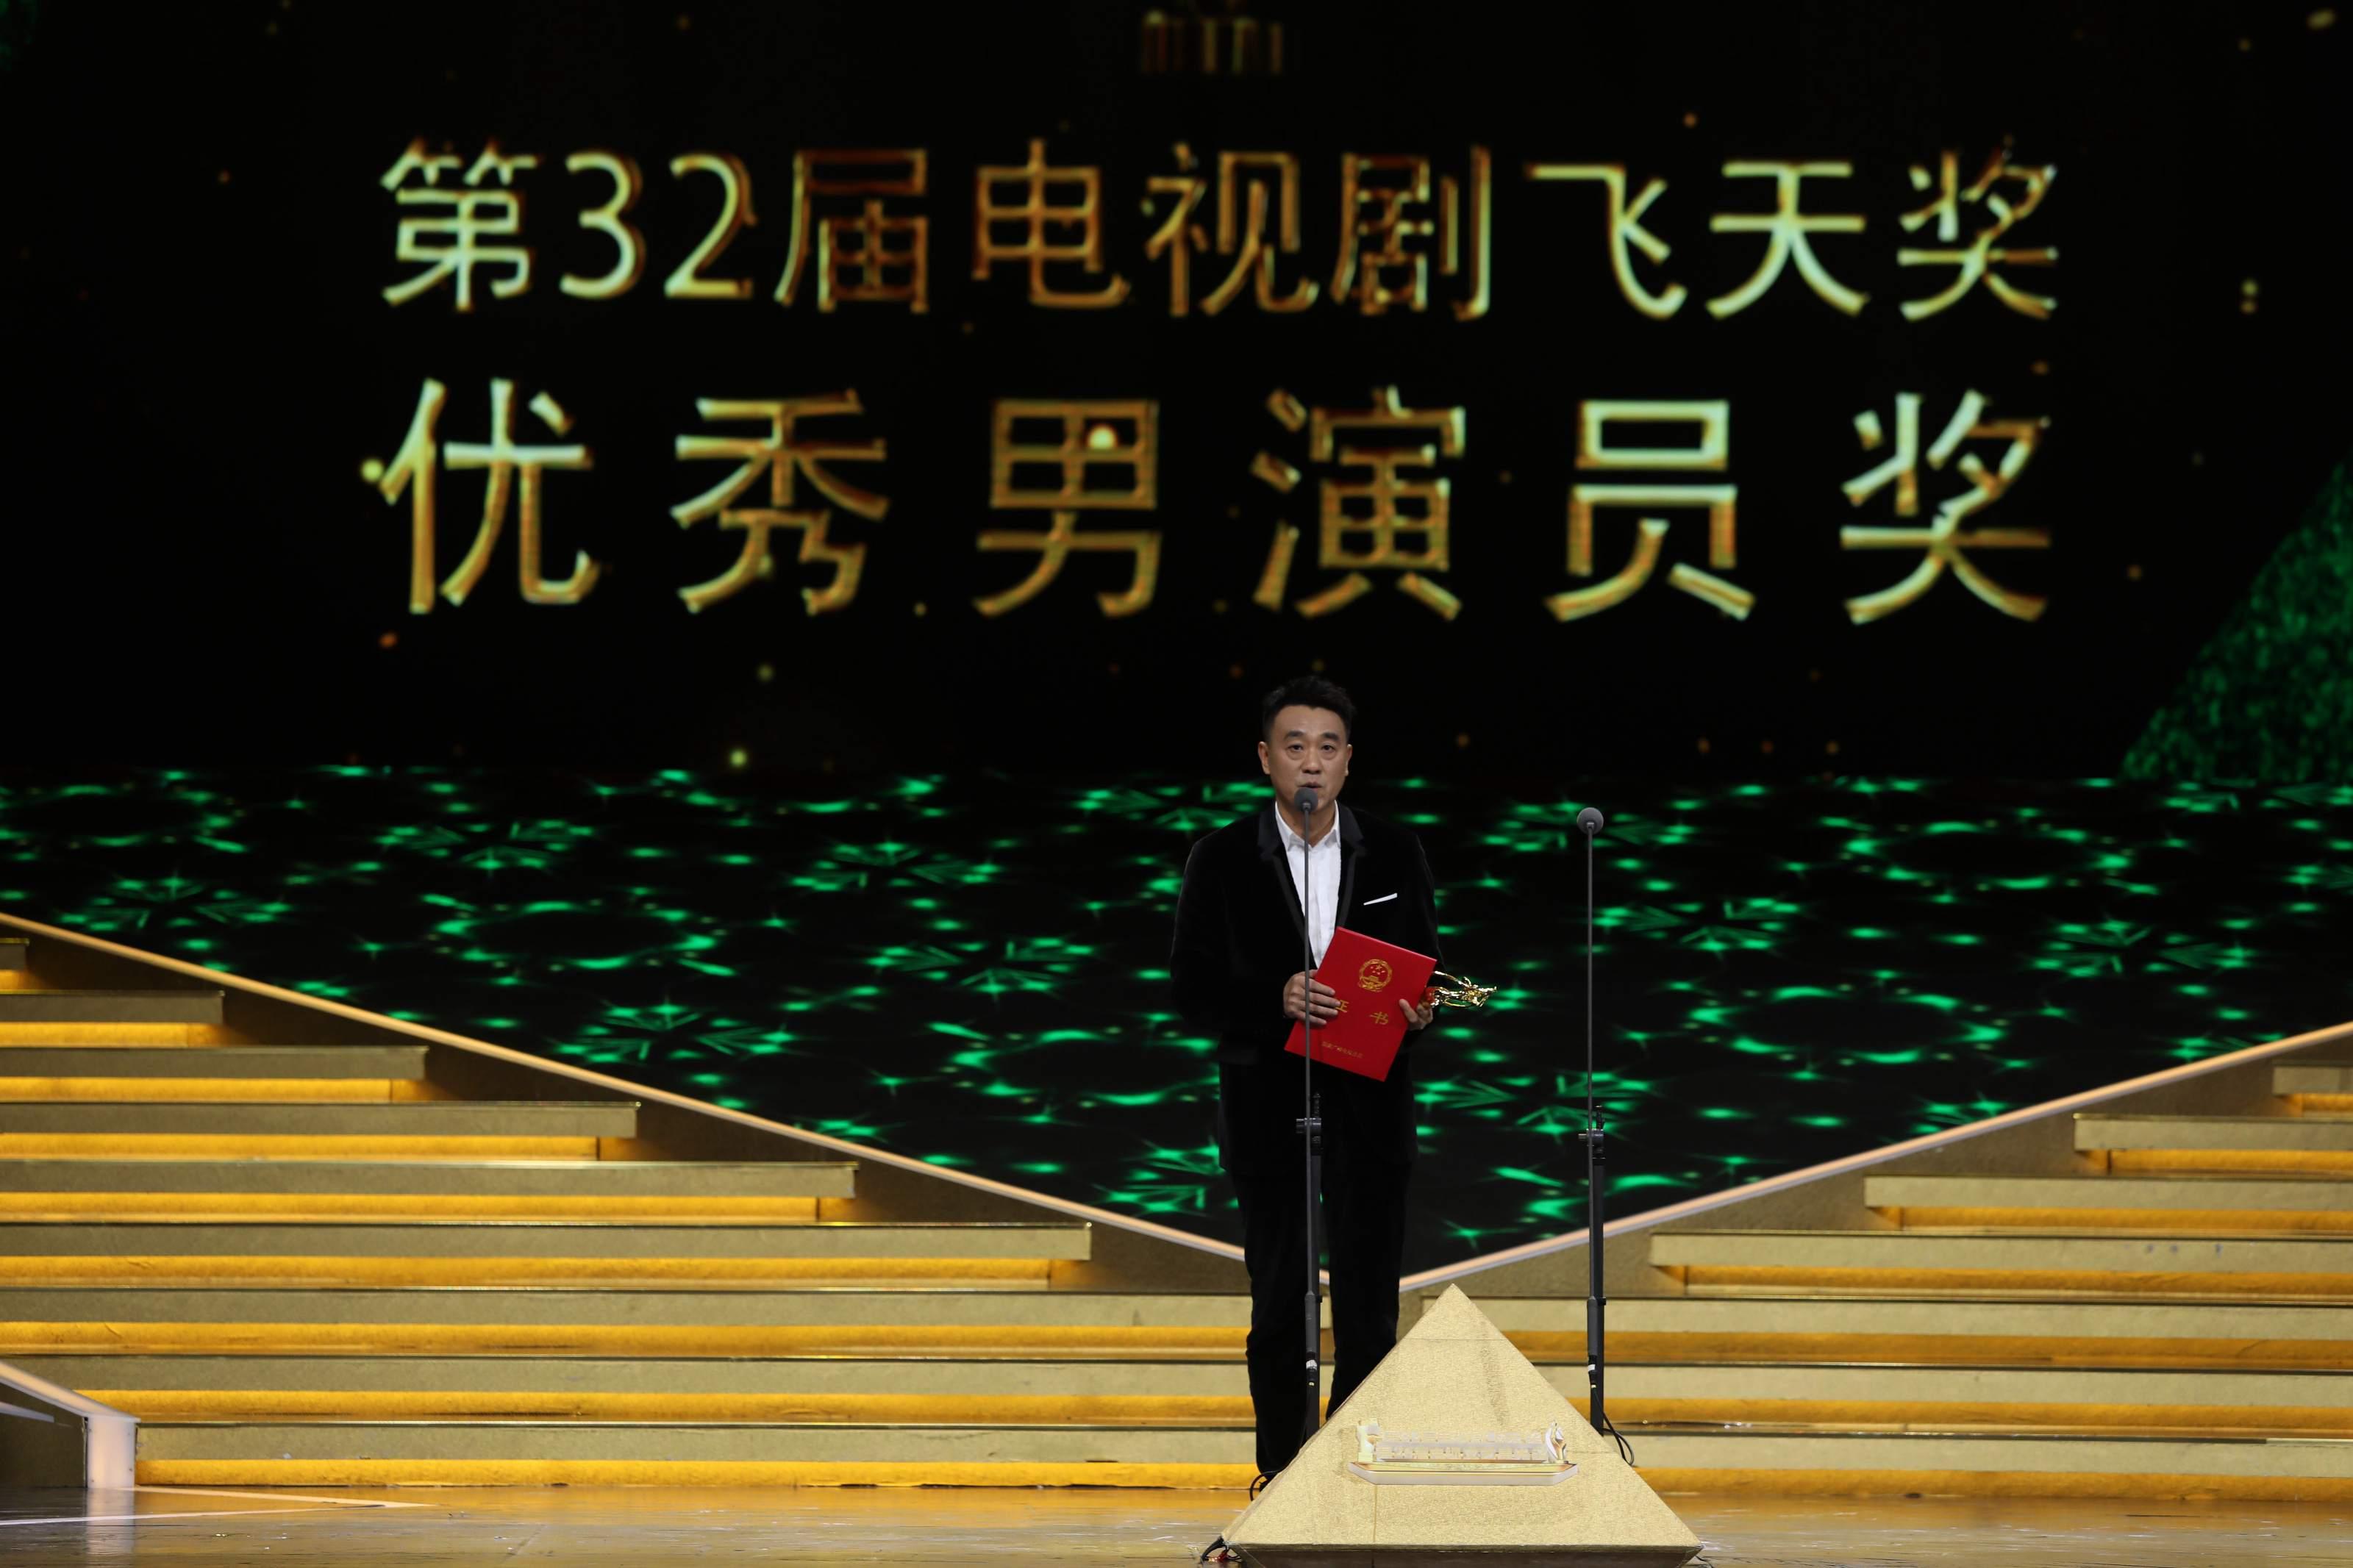 """第32届电视剧""""飞天奖""""揭晓何冰秦海璐分获优秀男女演员奖"""